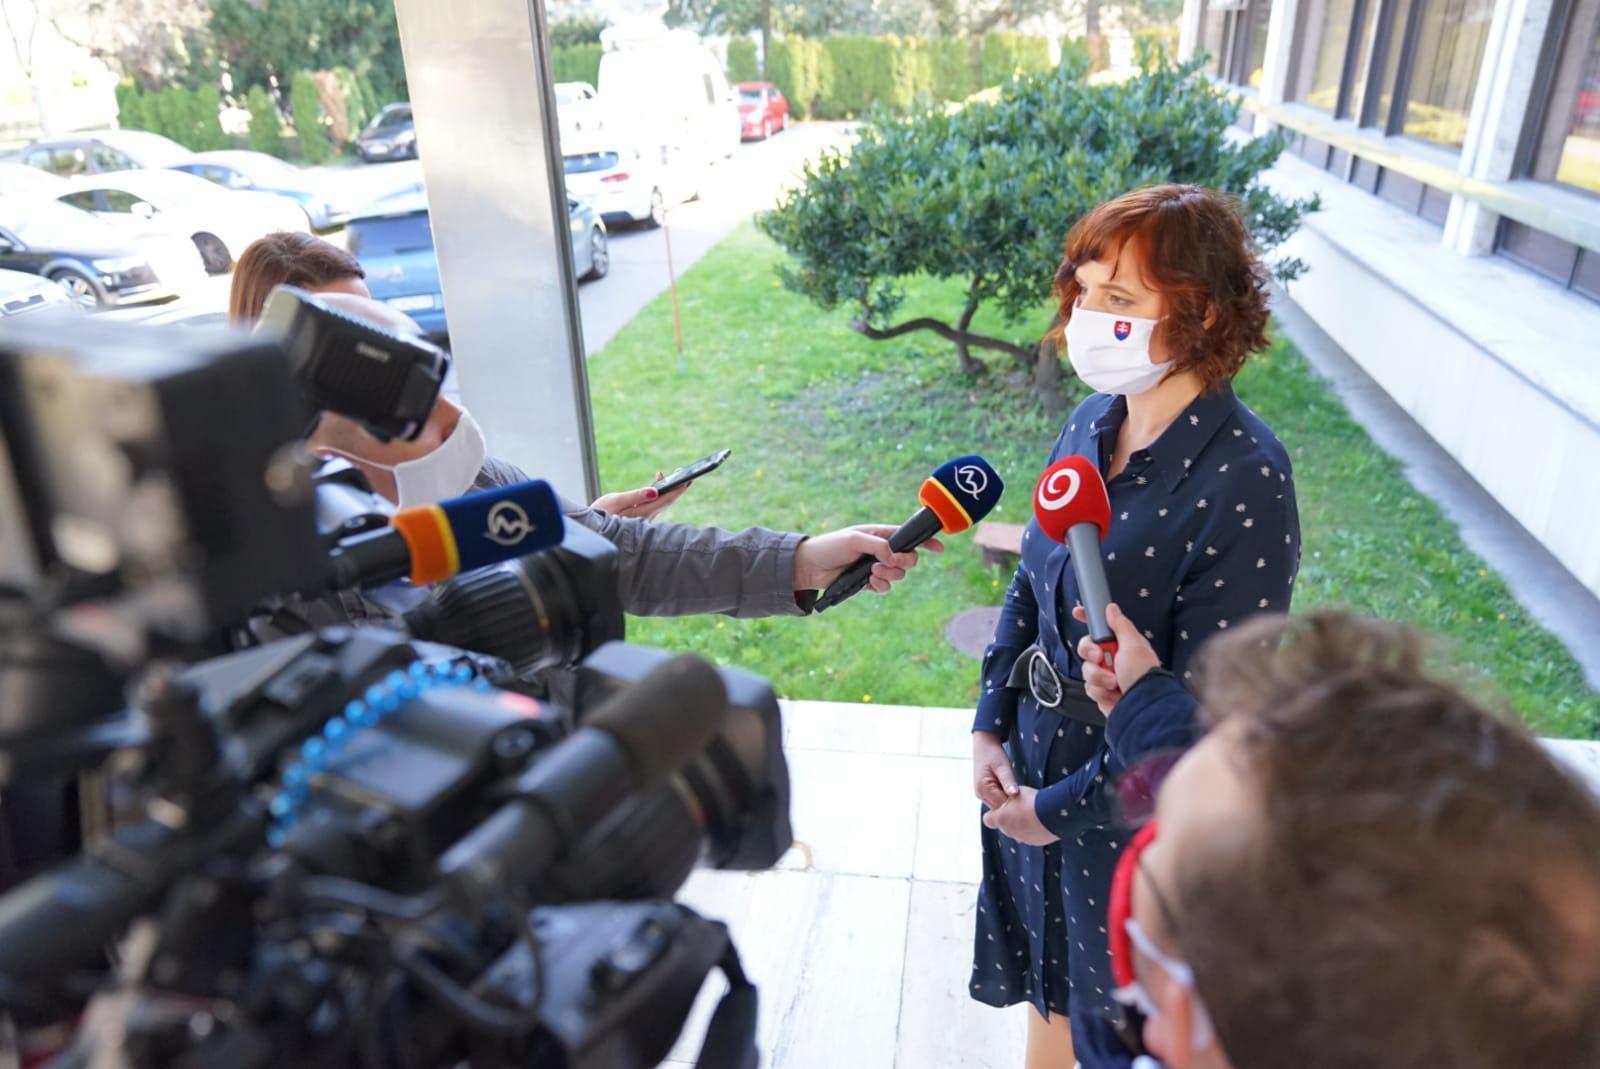 Vicepremiérka Remišová presadila požiadavky Slovenska v Európskej komisii v rámci opatrení proti koronavírusu